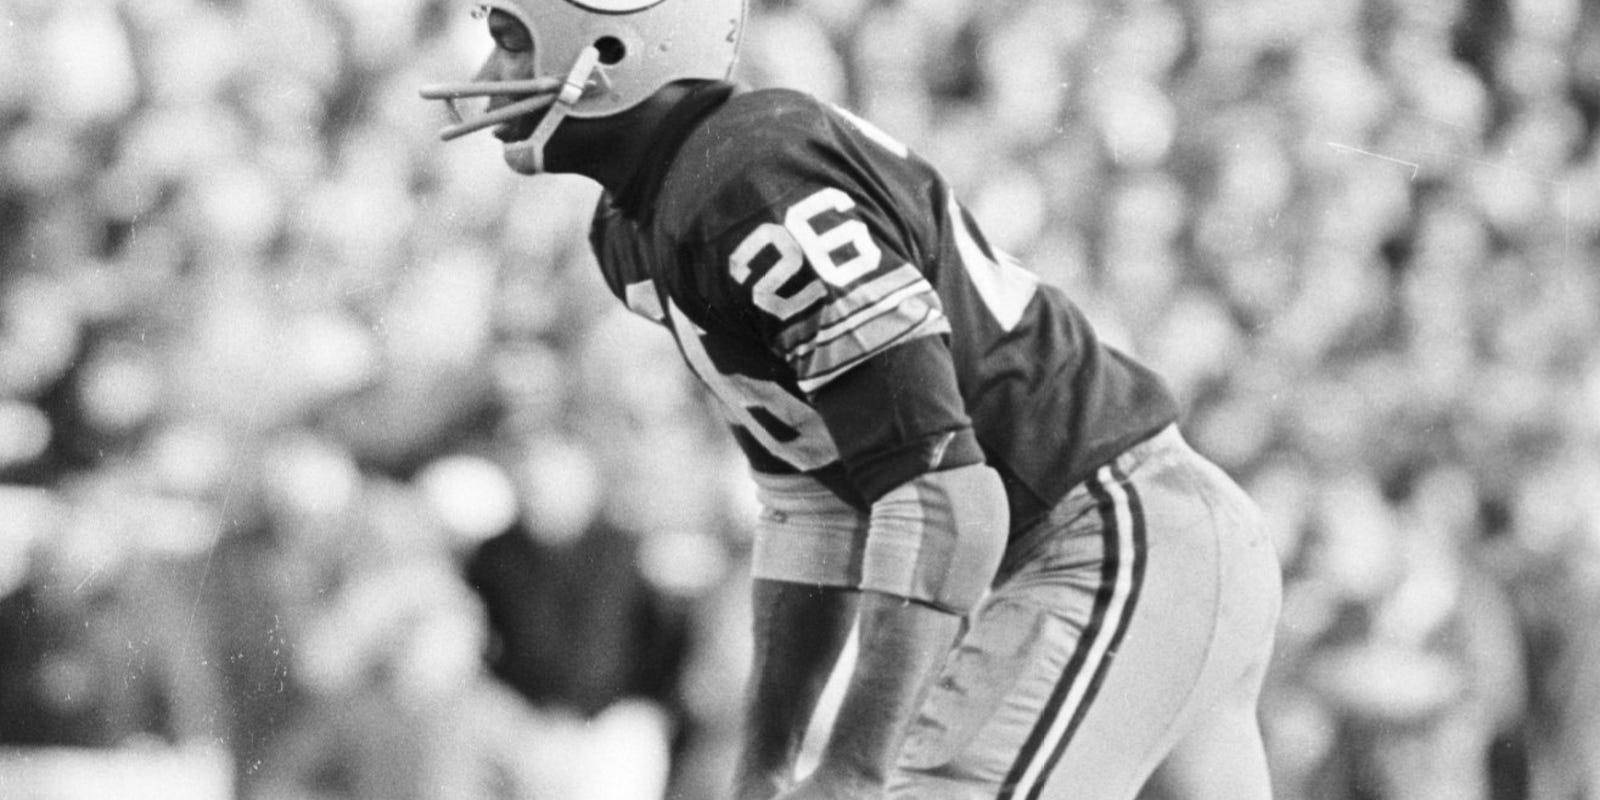 Hall of Fame Packers cornerback Herb Adderley dies at 81